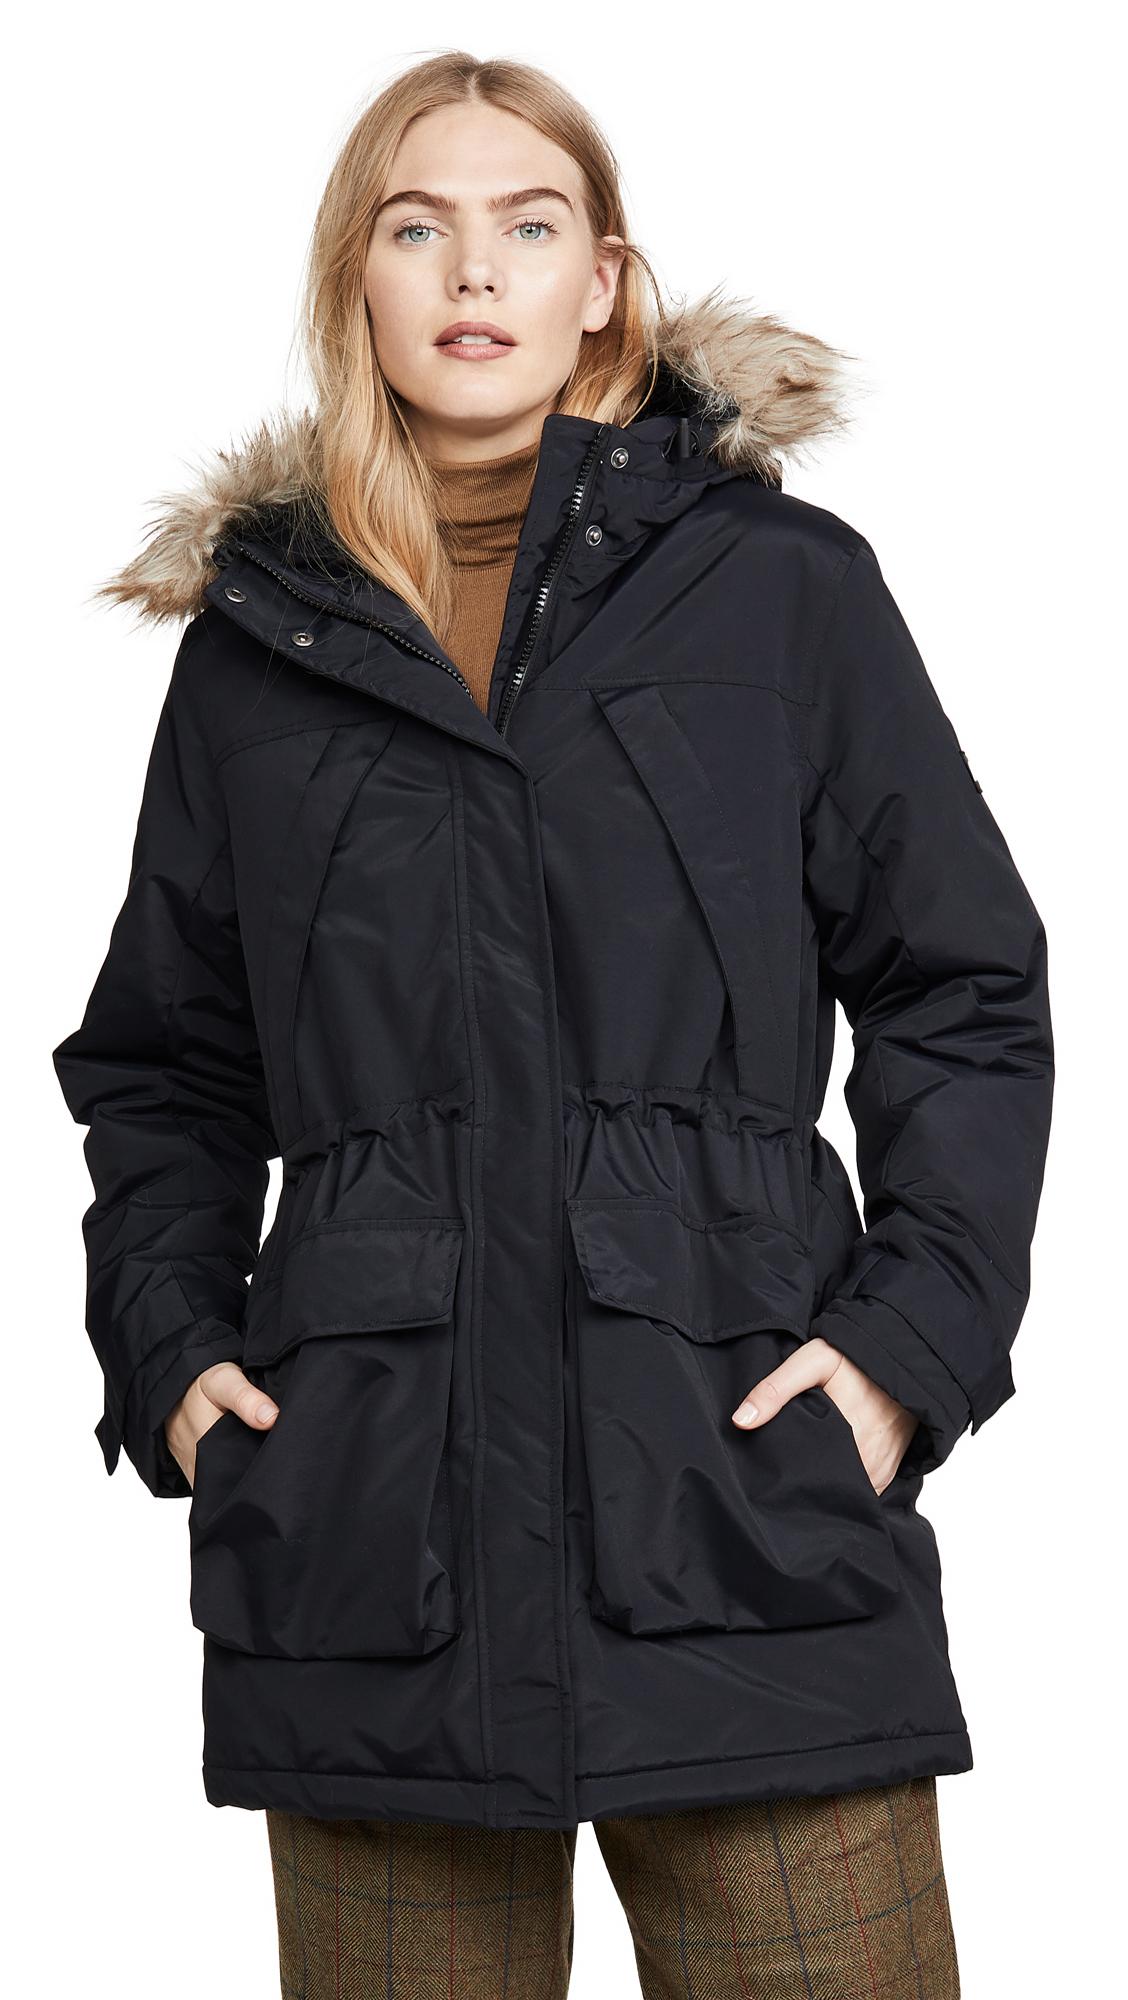 Buy Penfield Hillside Jacket online beautiful Penfield Jackets, Coats, Down Jackets